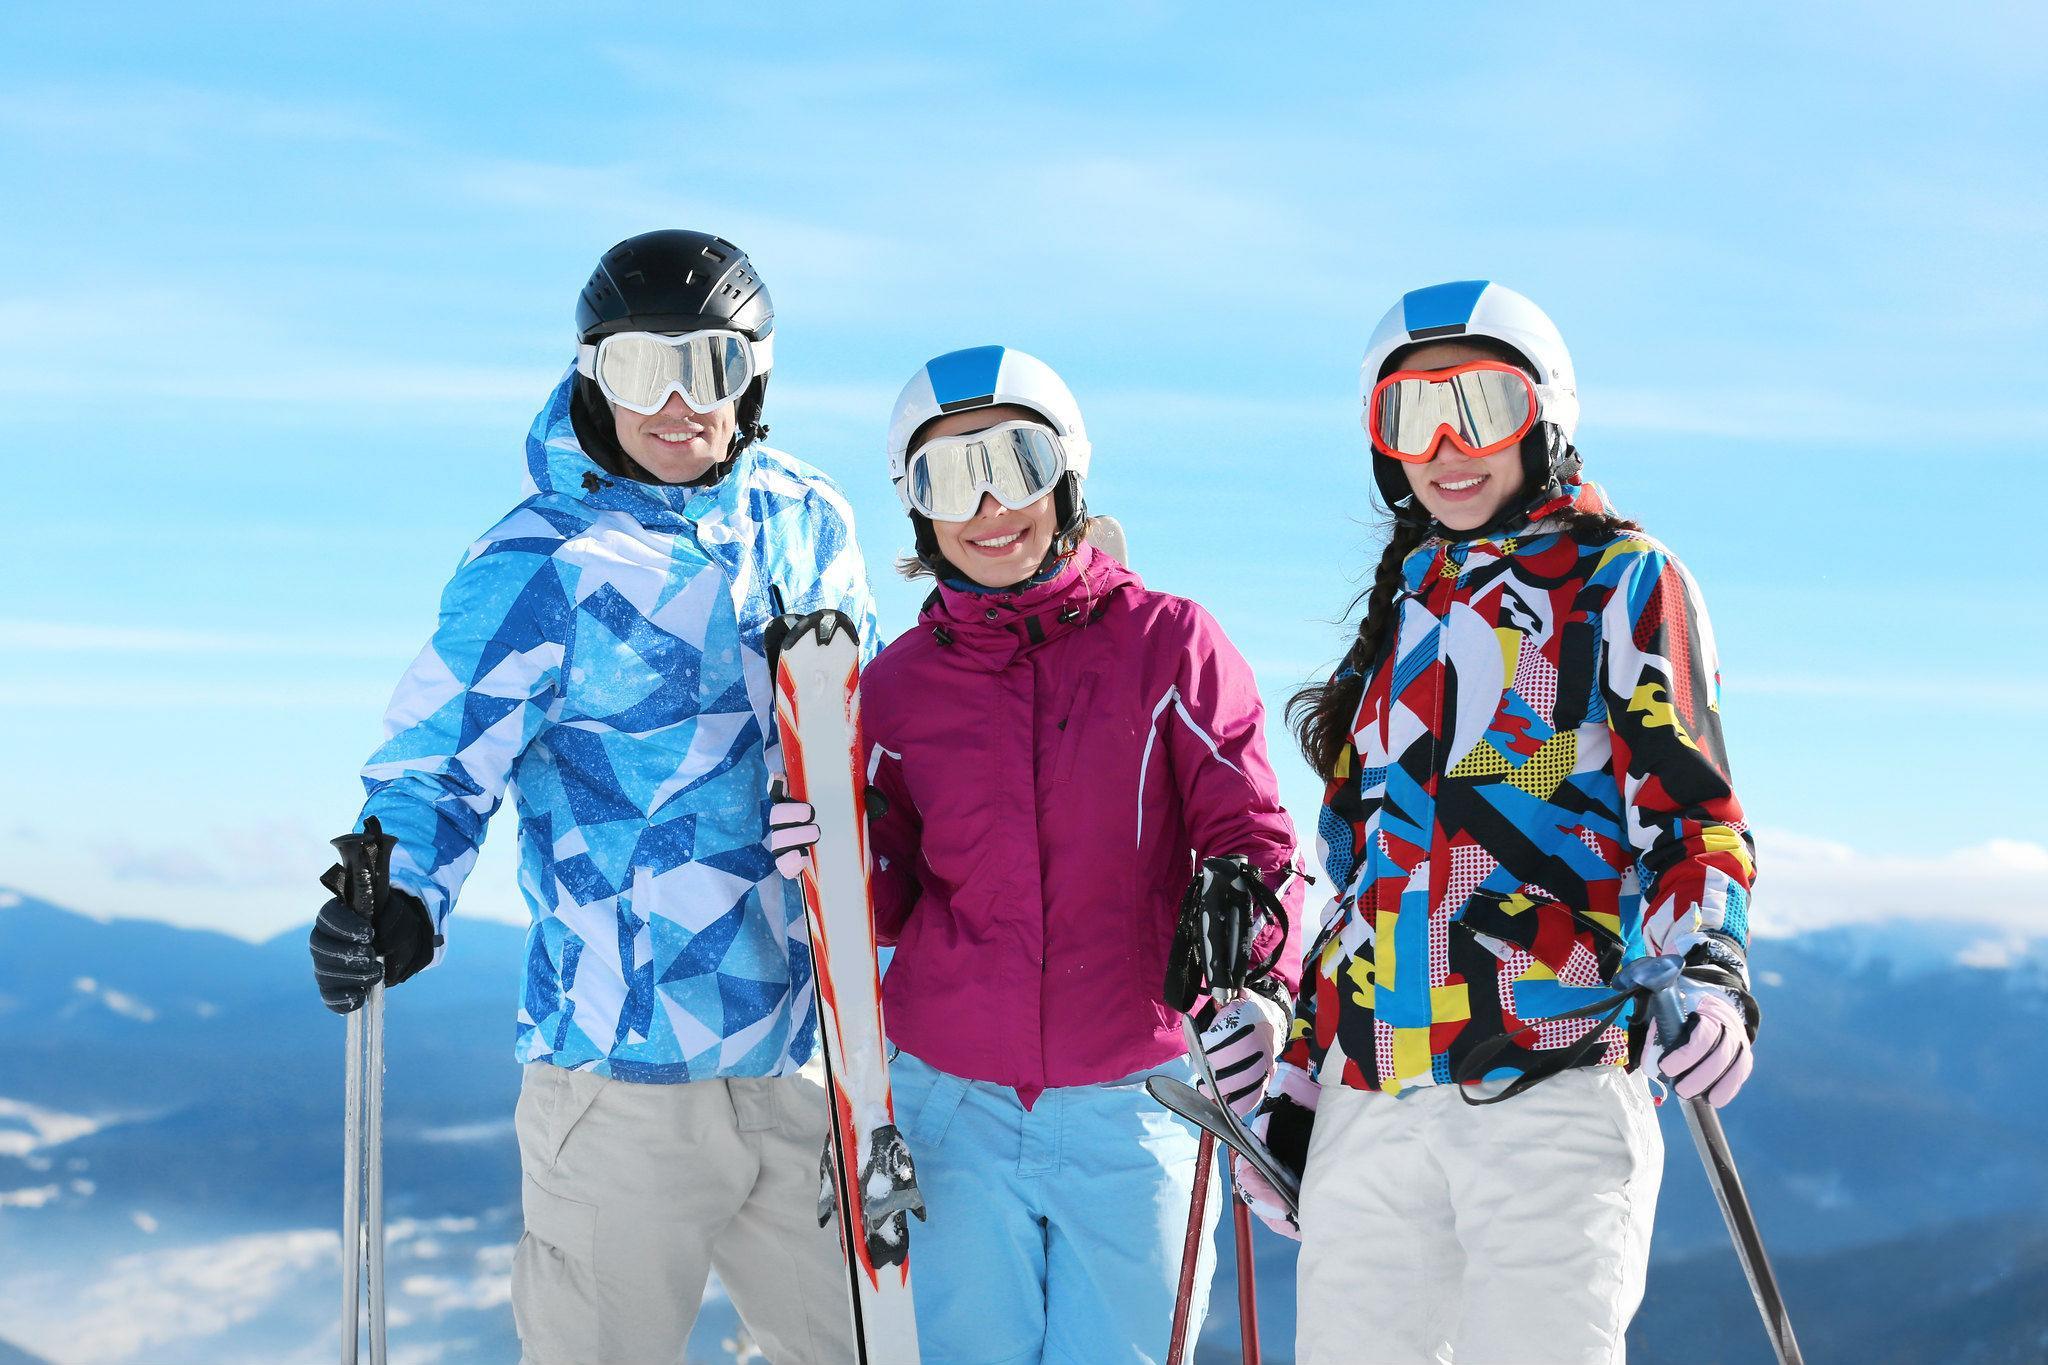 Privélessen skiën voor volwassenen in Kaltenbach